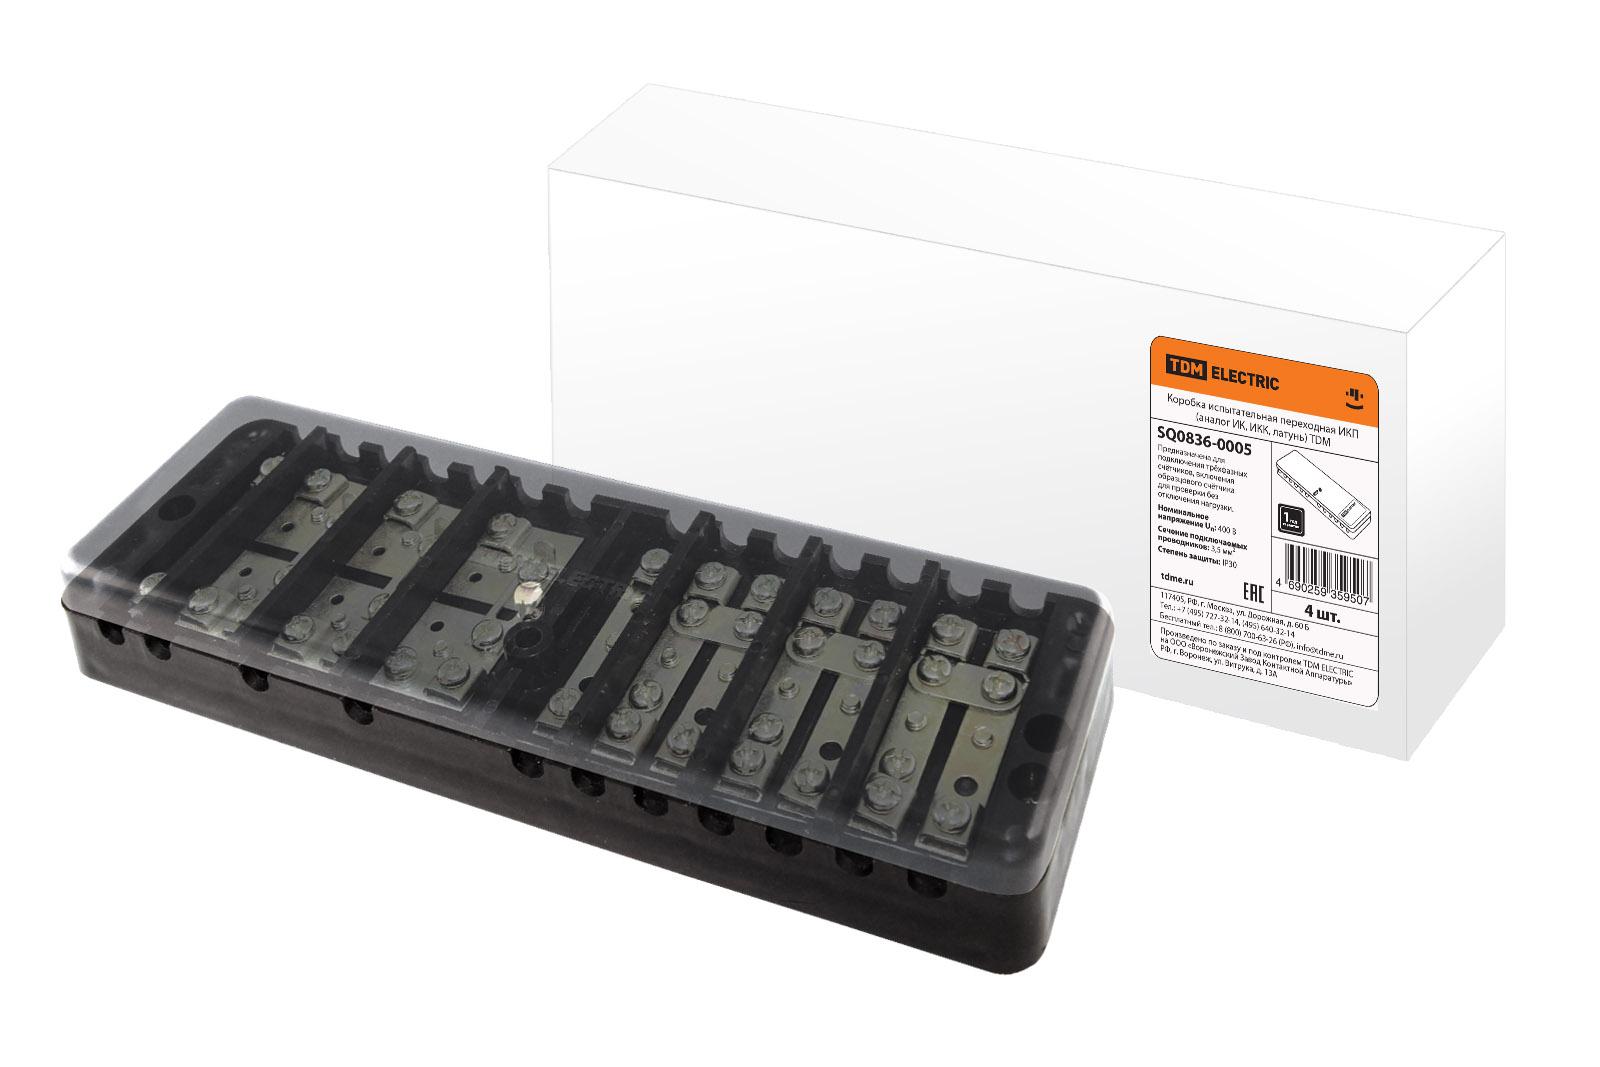 Фото Коробка испытательная переходная ИКП (аналог ИК, ИКК, латунь) TDM {SQ0836-0005}